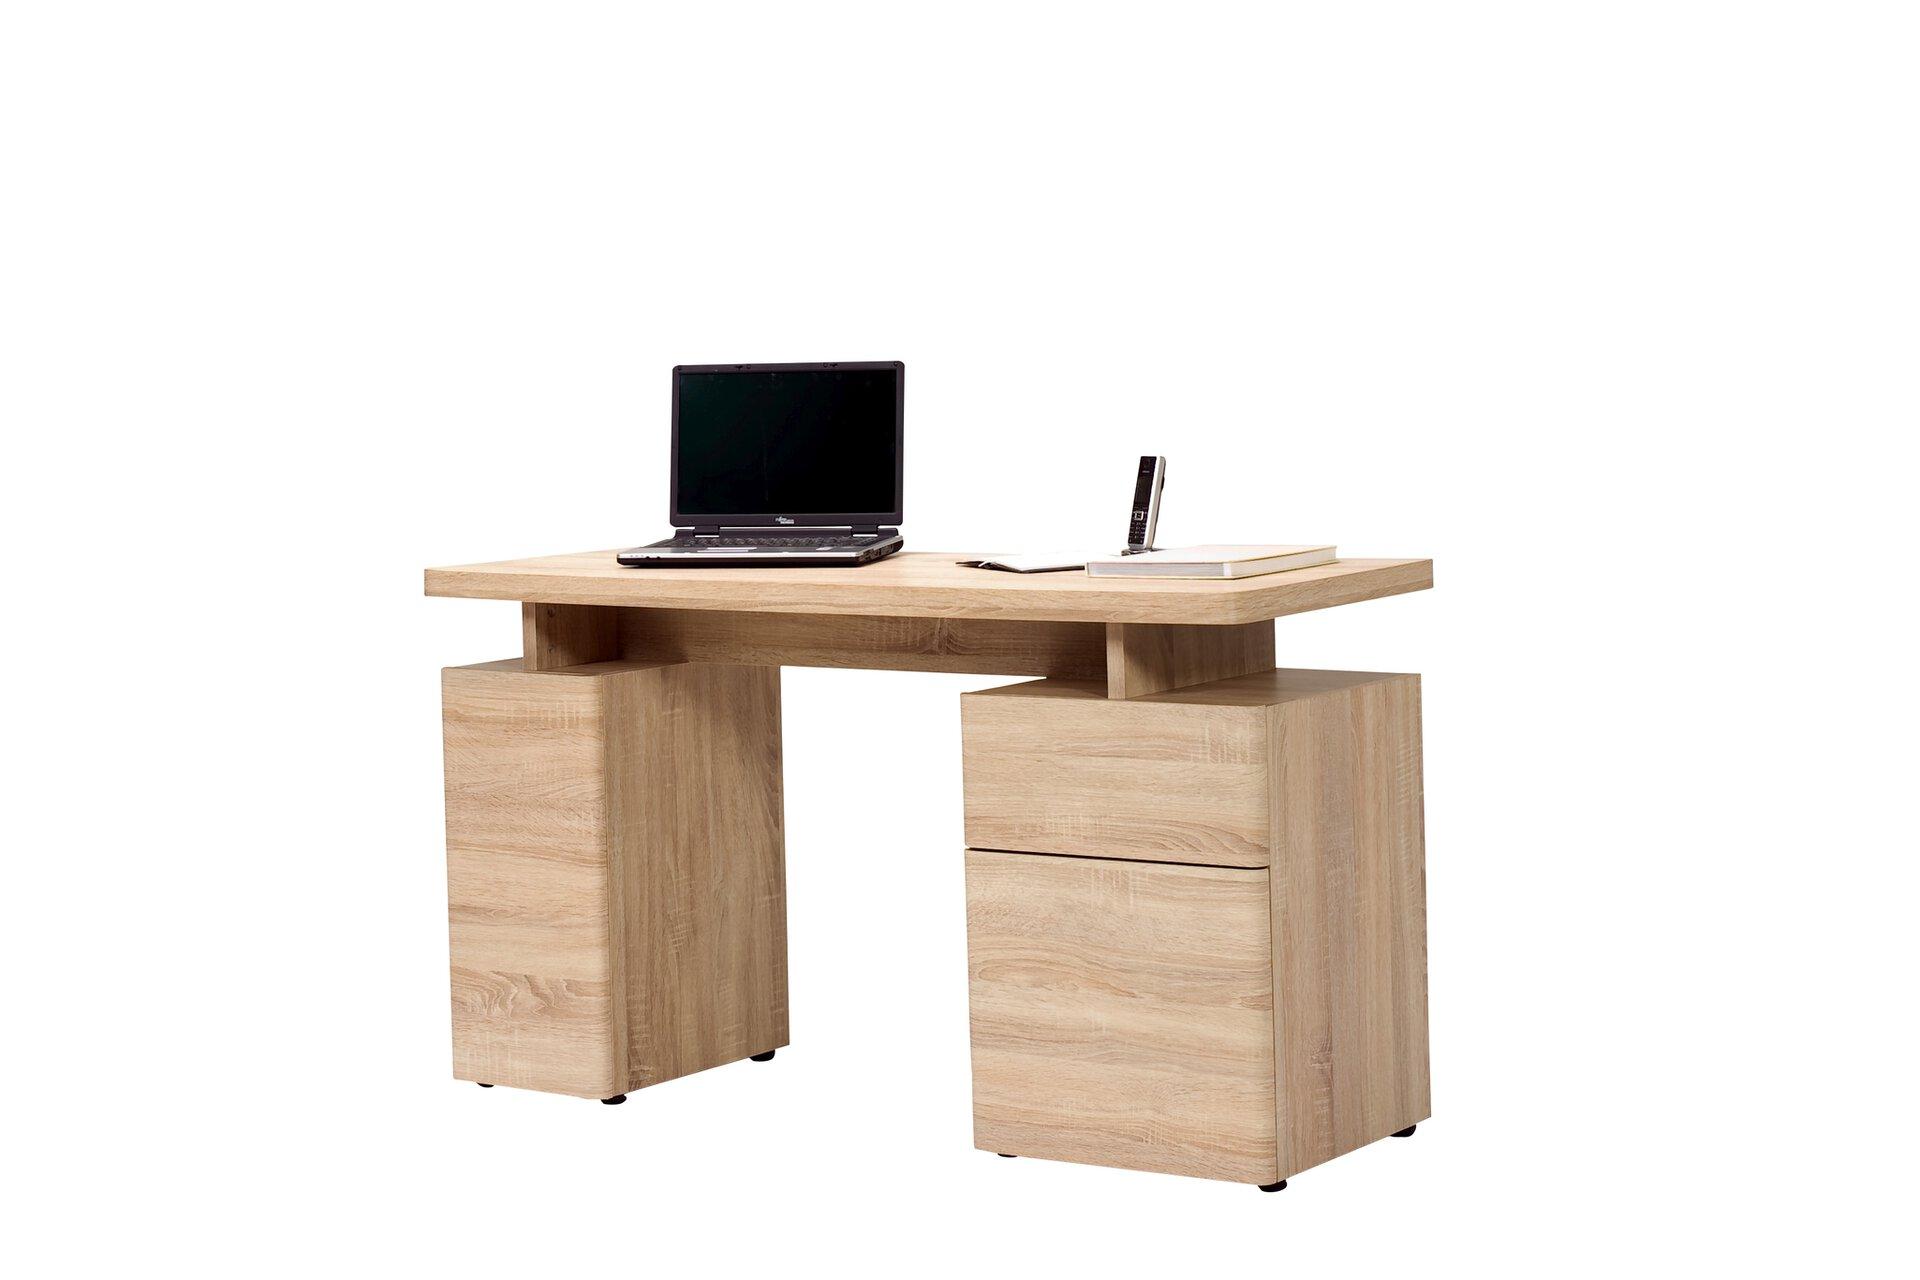 Schreibtisch CU-LIBRE Jahnke Holzwerkstoff 1 x 1 x 1 cm